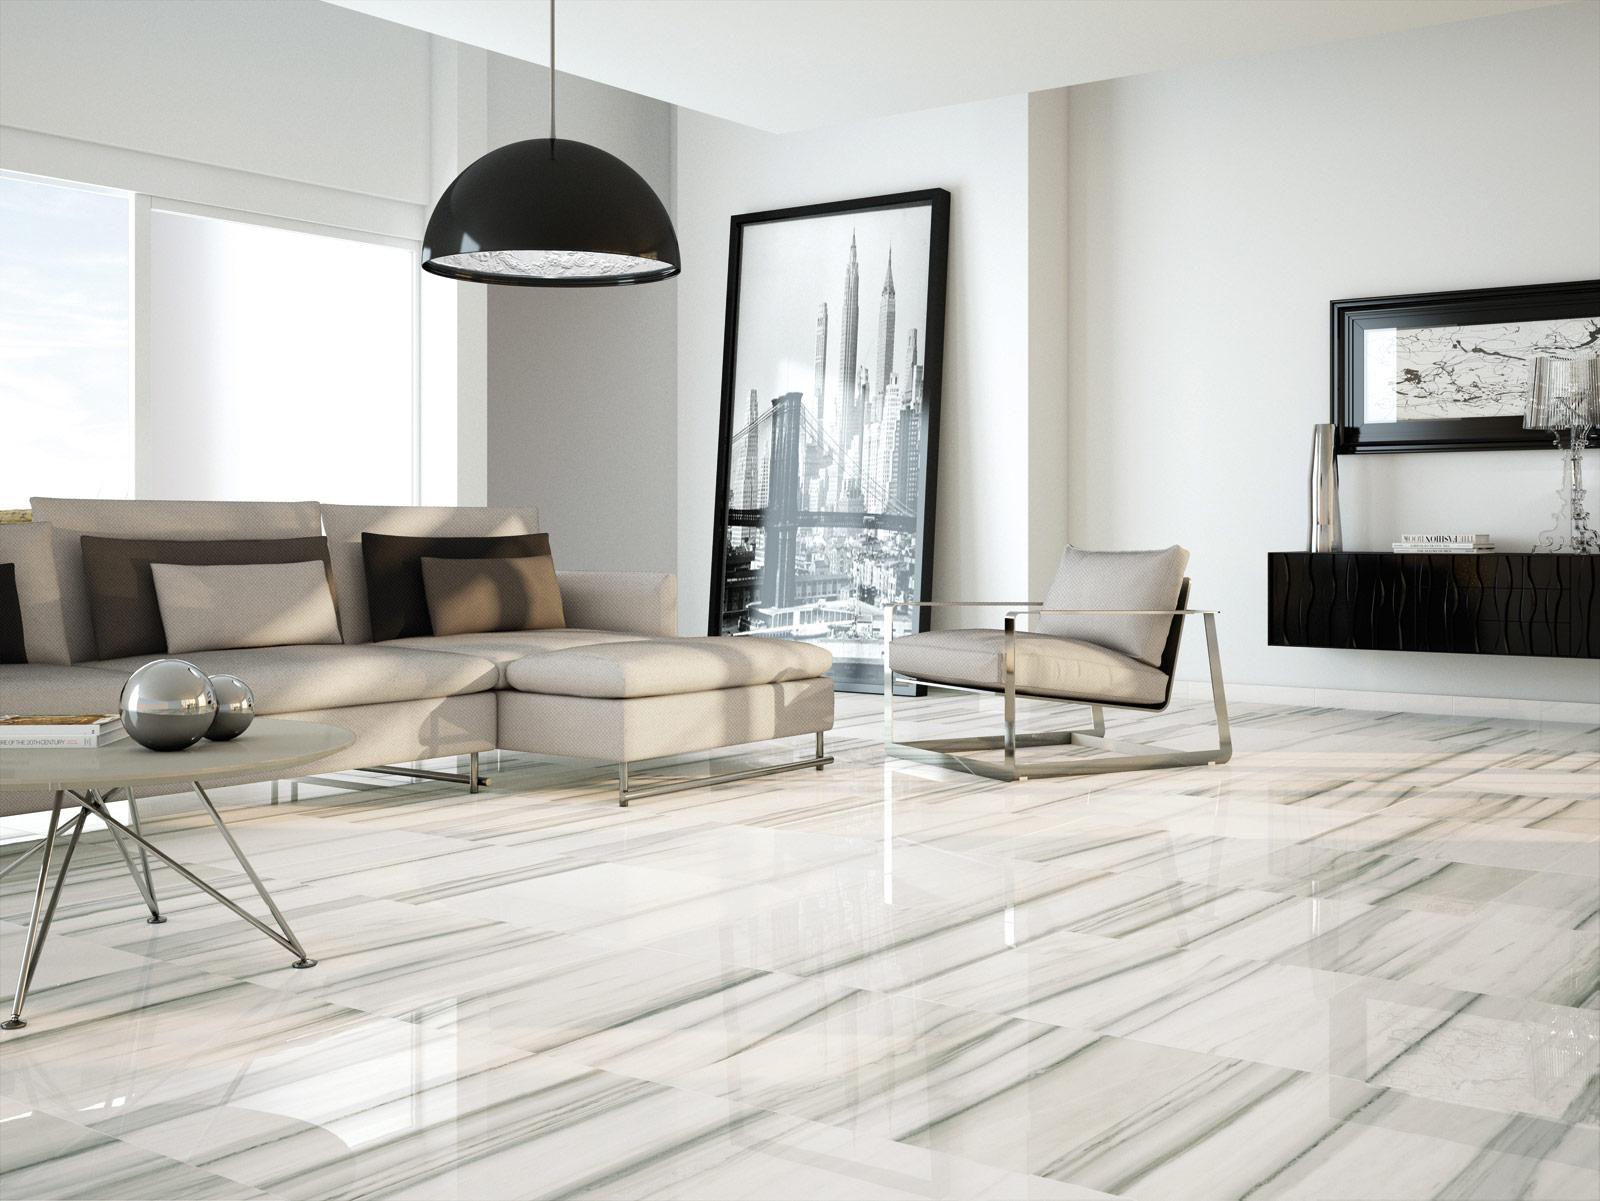 Perseo piastrelle lucide effetto marmo marazzi - Piastrelle effetto marmo ...